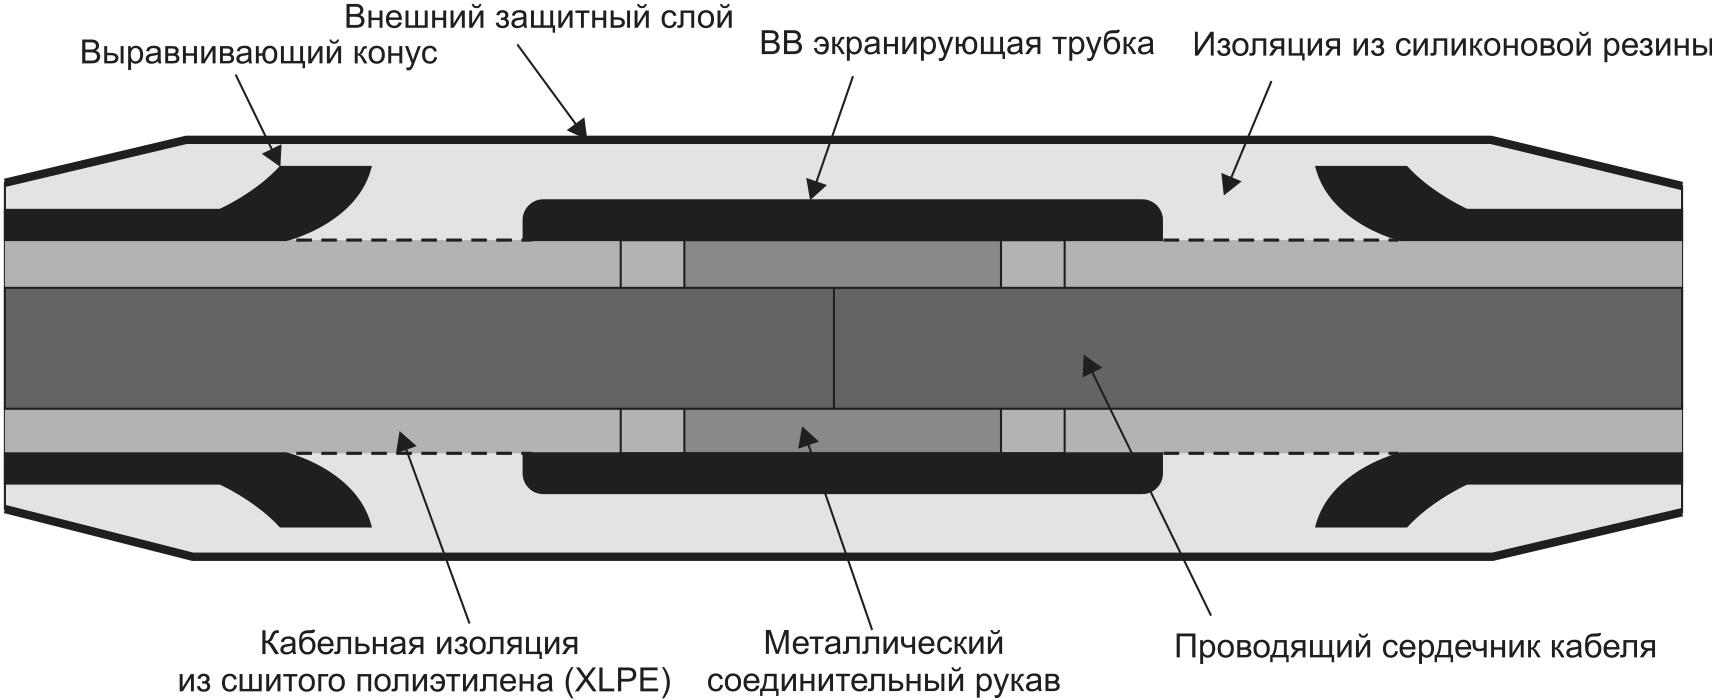 Схематический чертеж соединительной кабельной муфты заводского изготовления